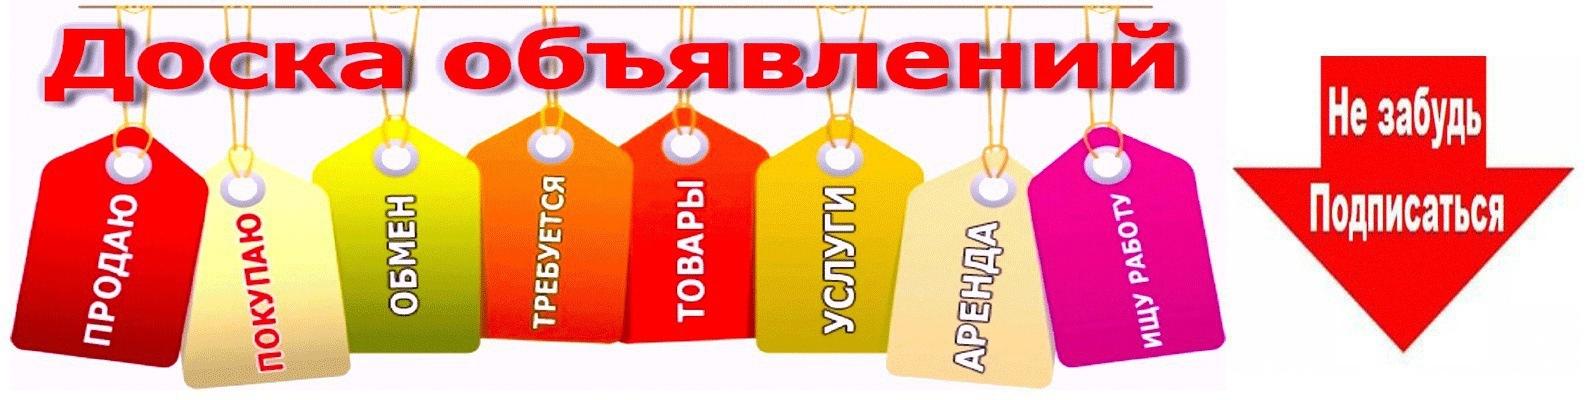 Ищу работу в москве для девушек без опыта работа девушка 32 года